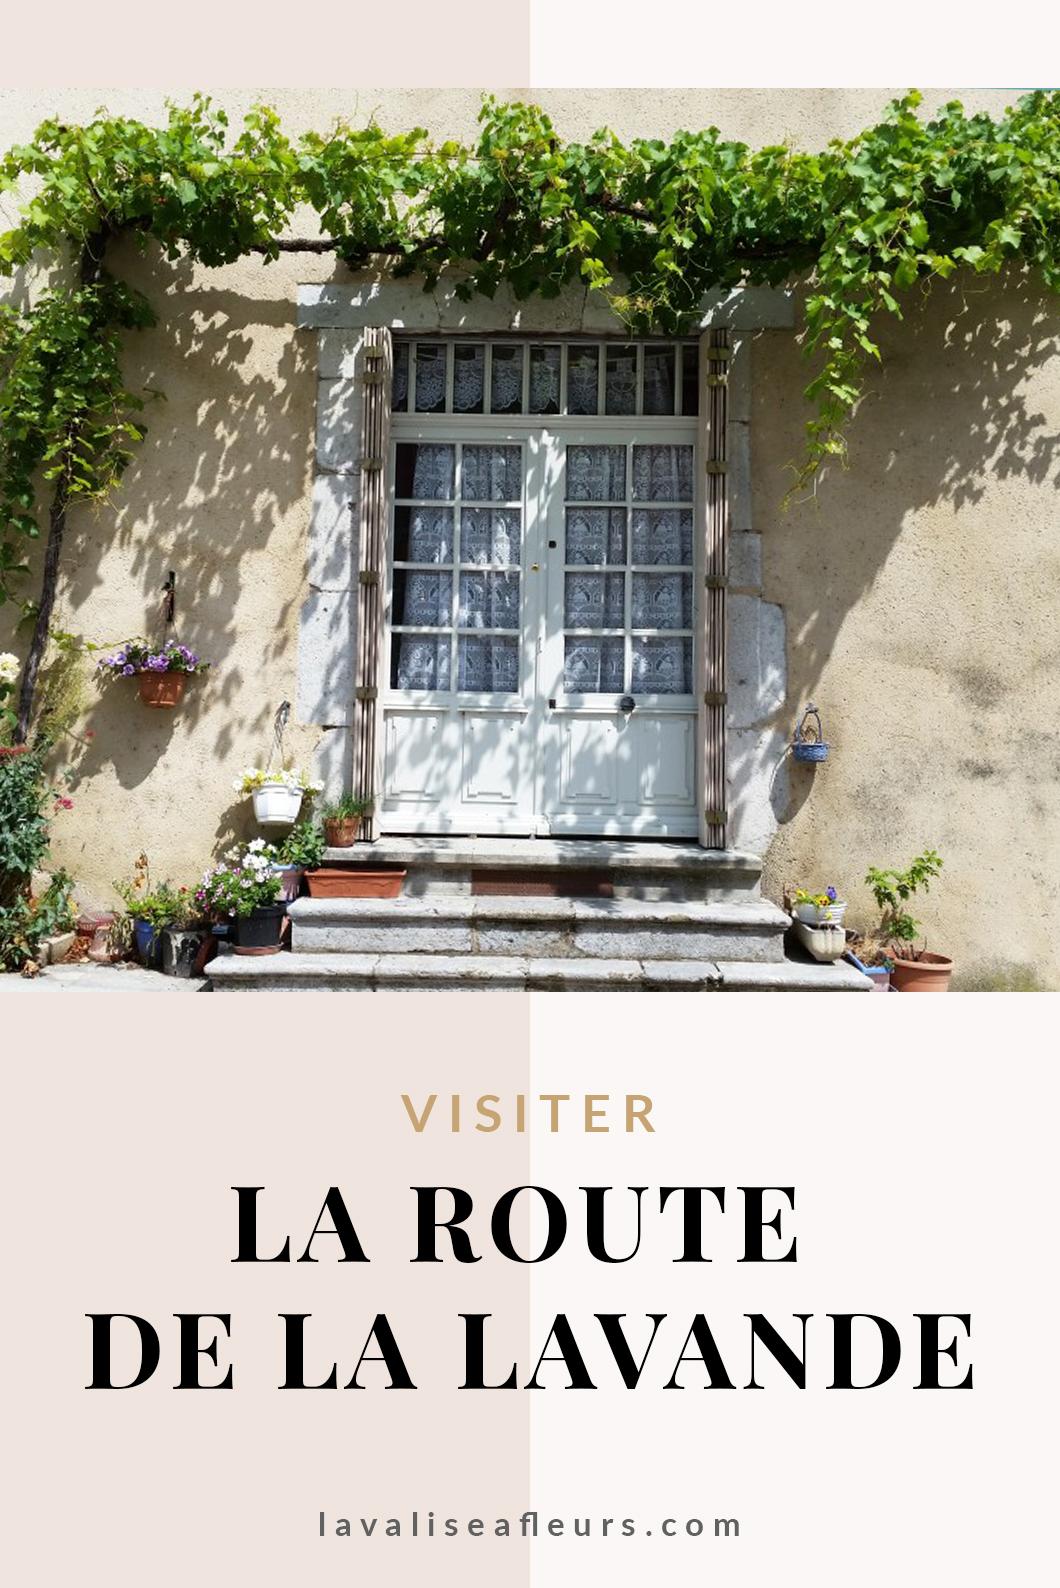 Visiter la route de la lavande en France